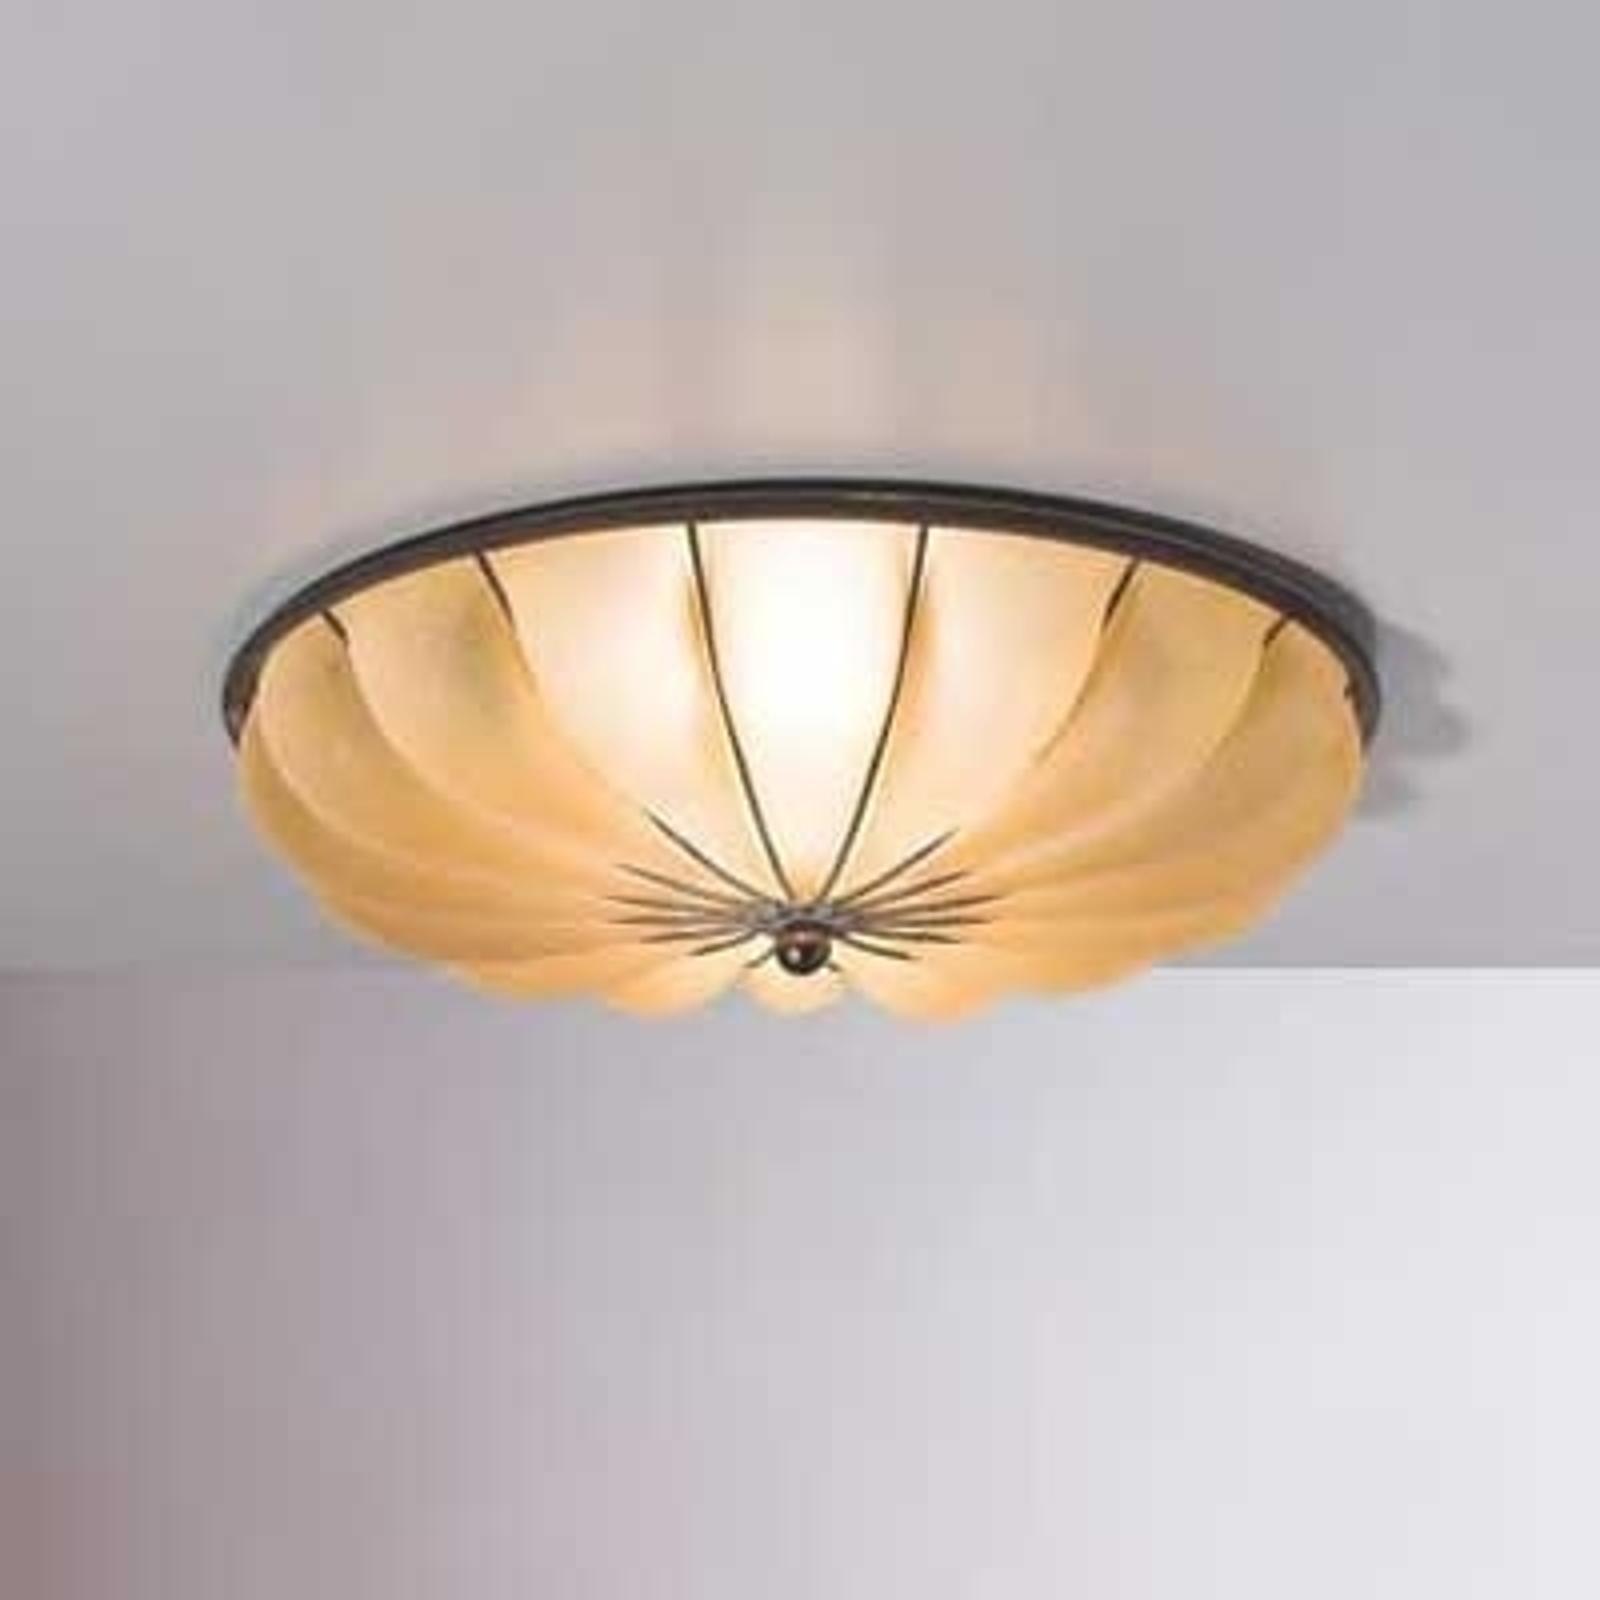 Halvrund taklampe RAGGIO 33 cm